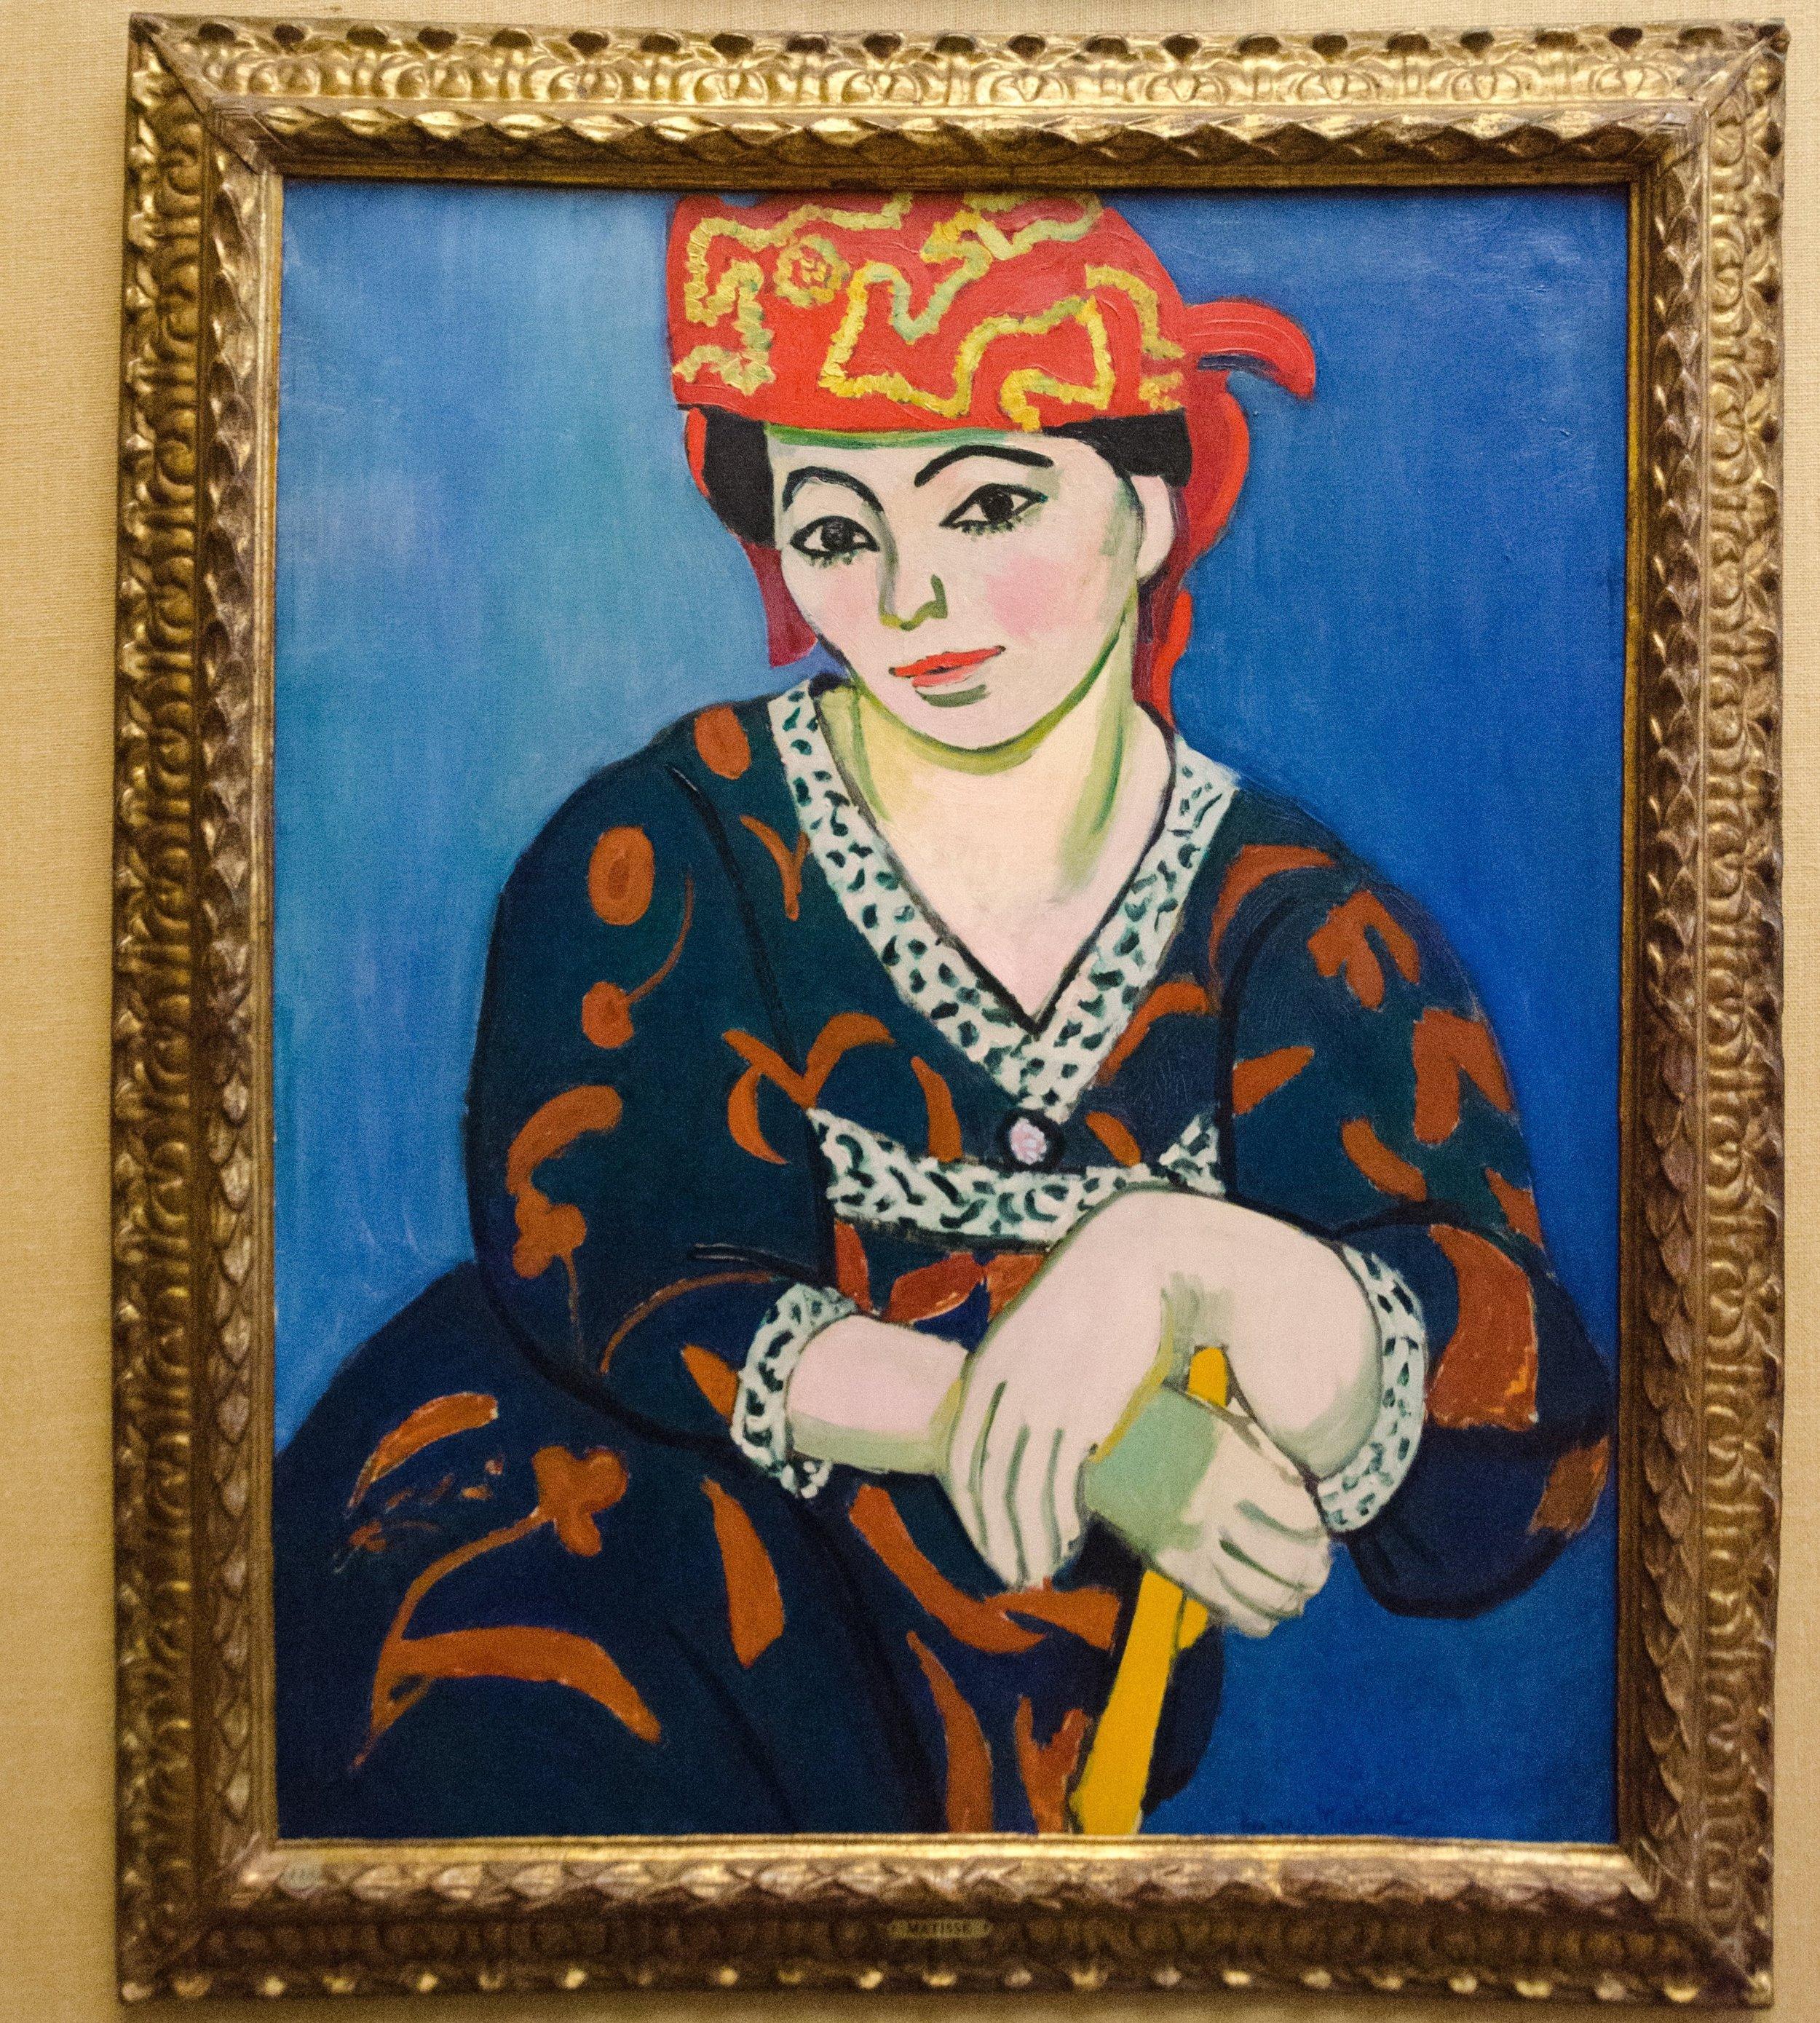 Henri Matisse always inspires me.